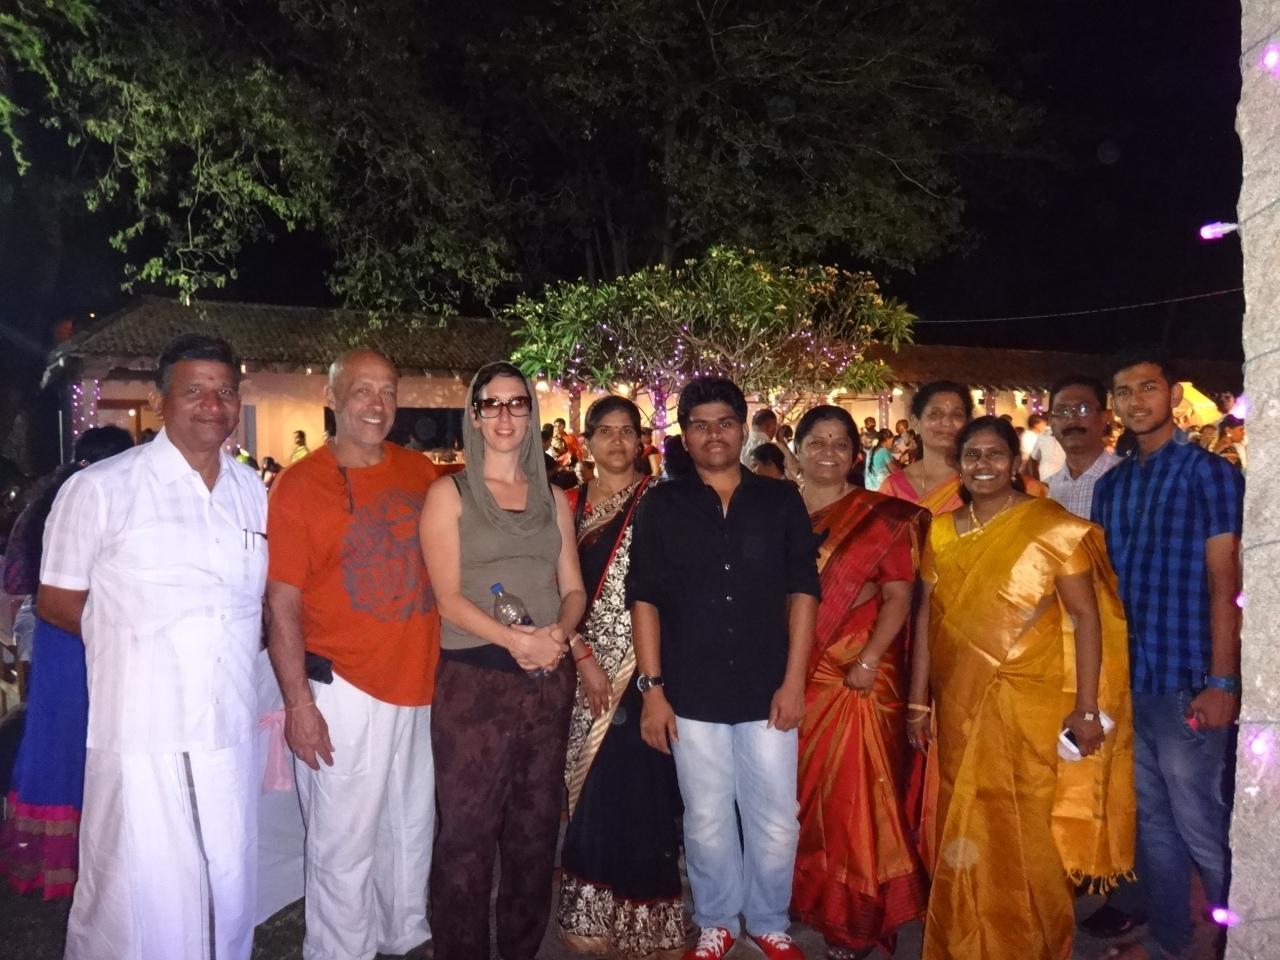 Quand les rencontres font le voyage… Madurai, Thekkady (Inde)2015